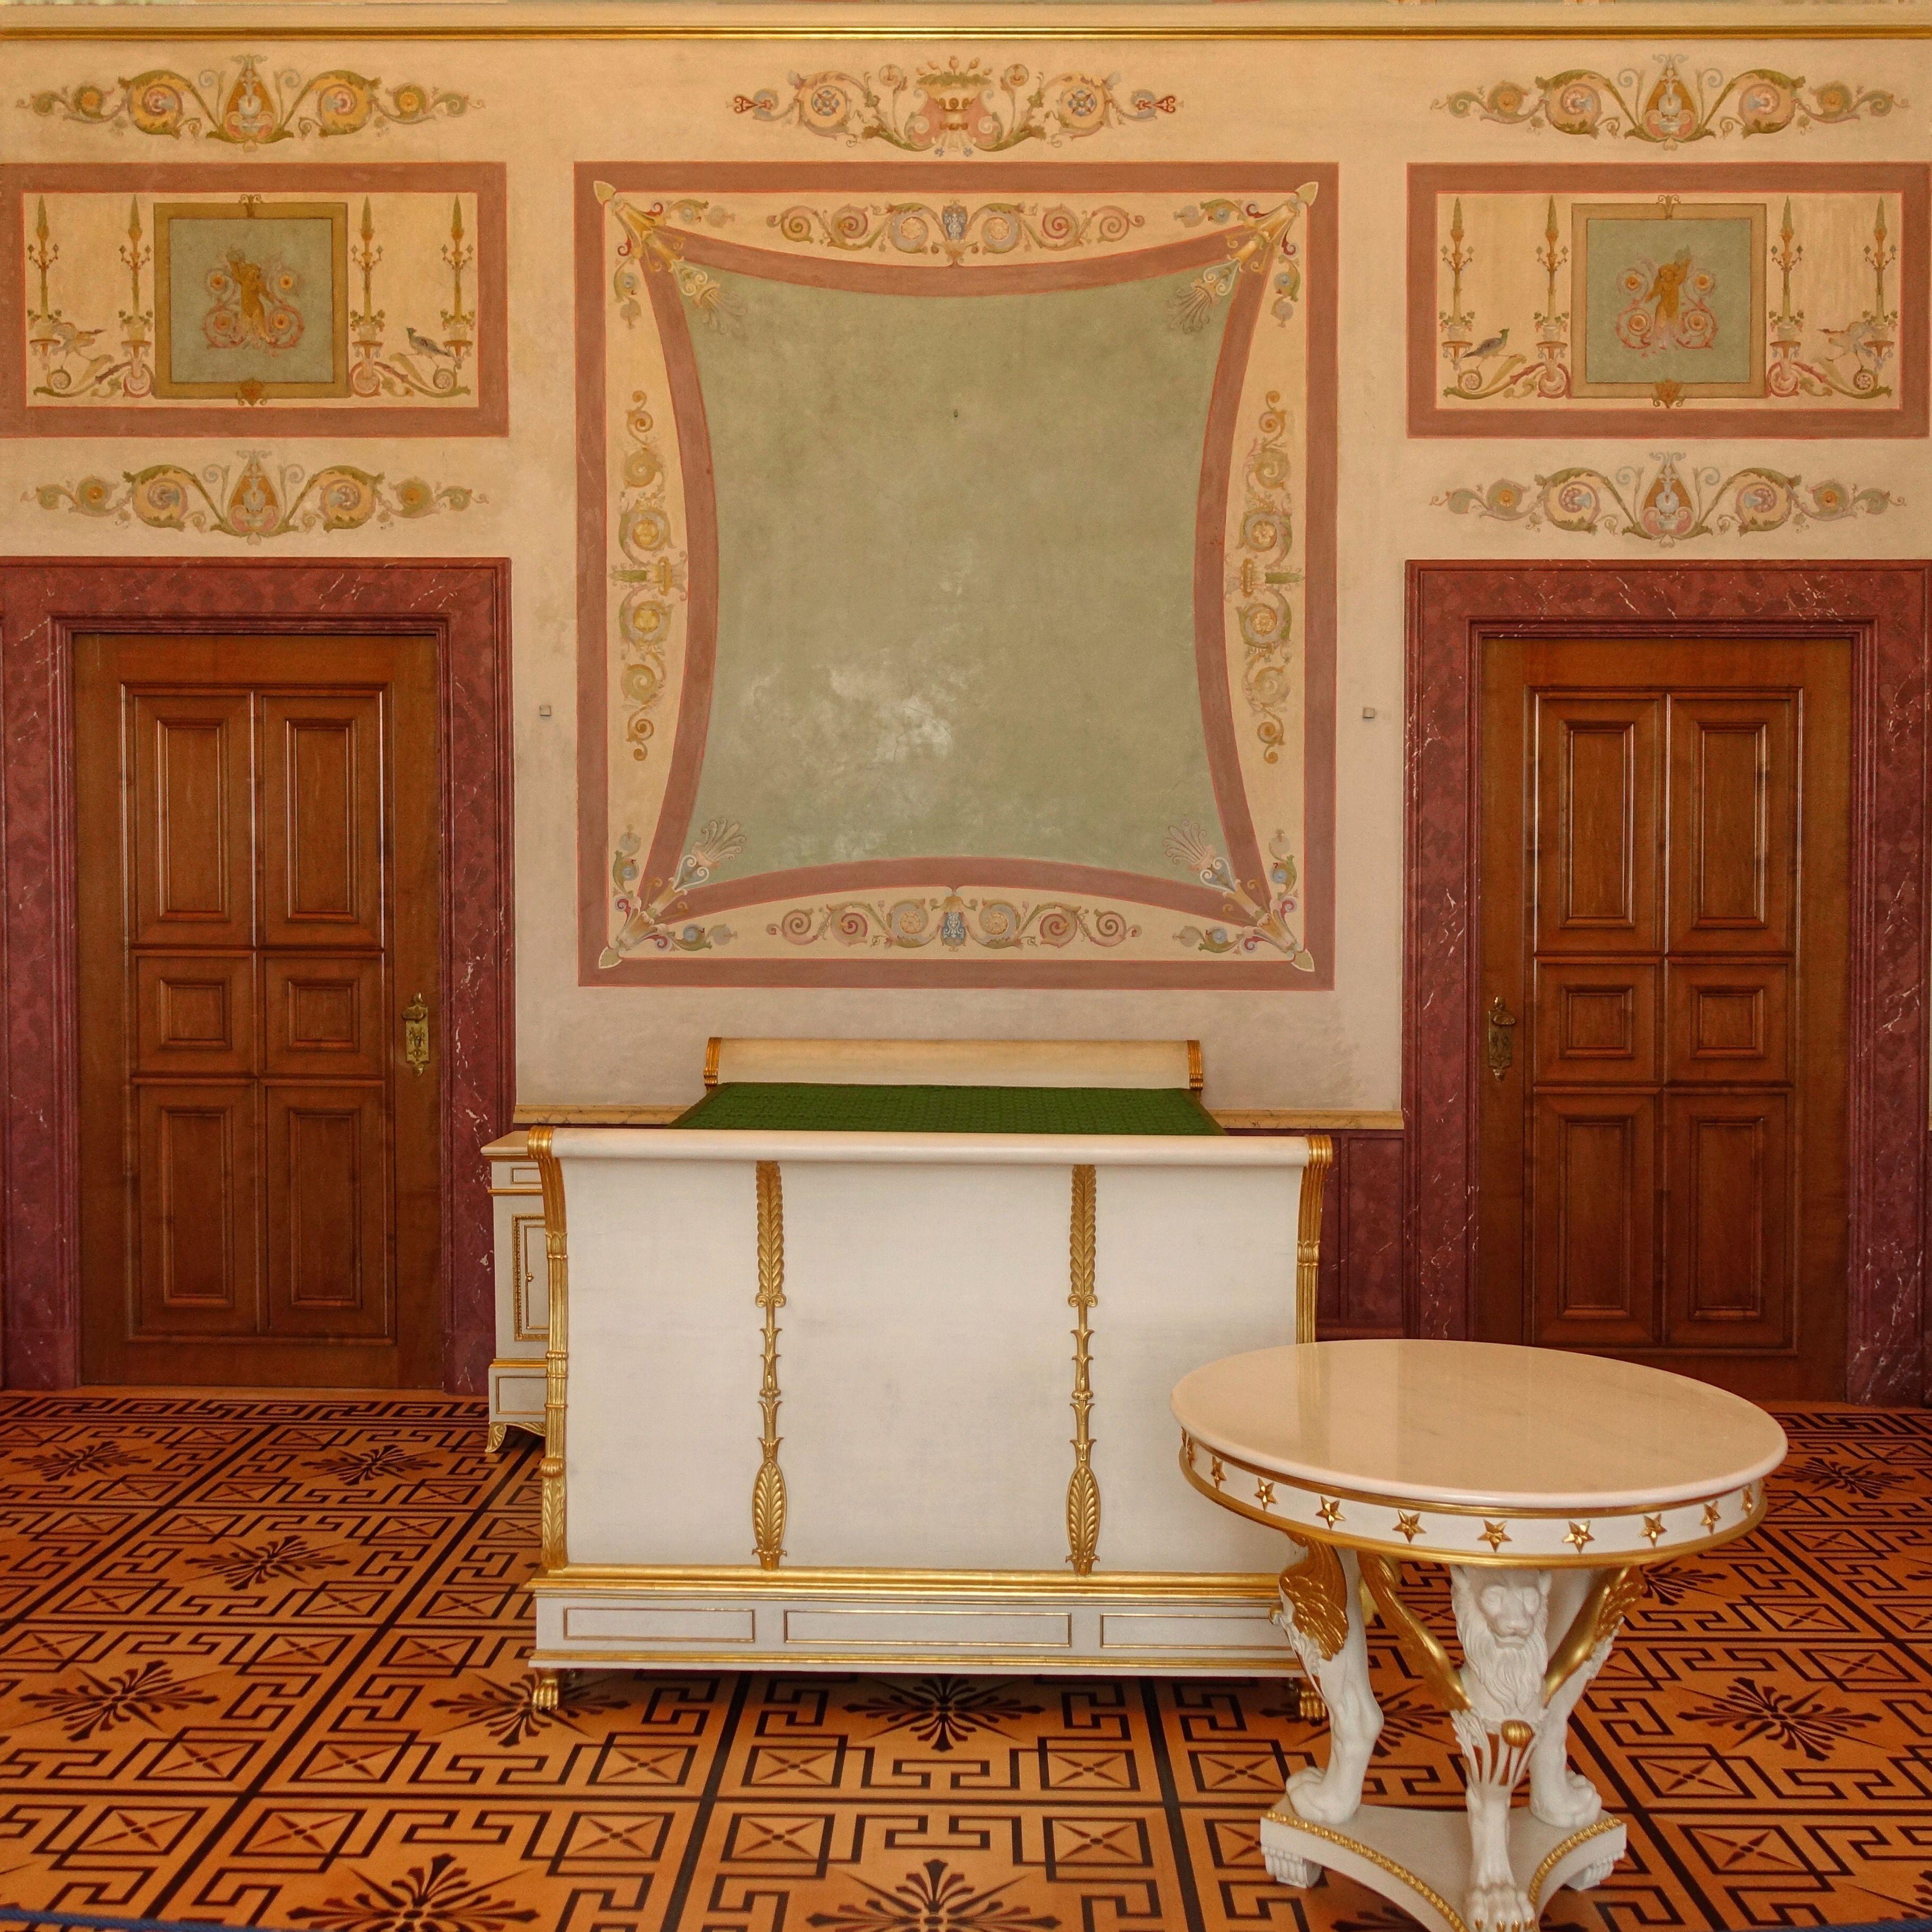 Munich Germany Munchen Deutschland Schlafzimmer Des Konigs Im Konigsbau In Der Munchner Residenz Munchen Deutschland Schloss Munchen Deutschland